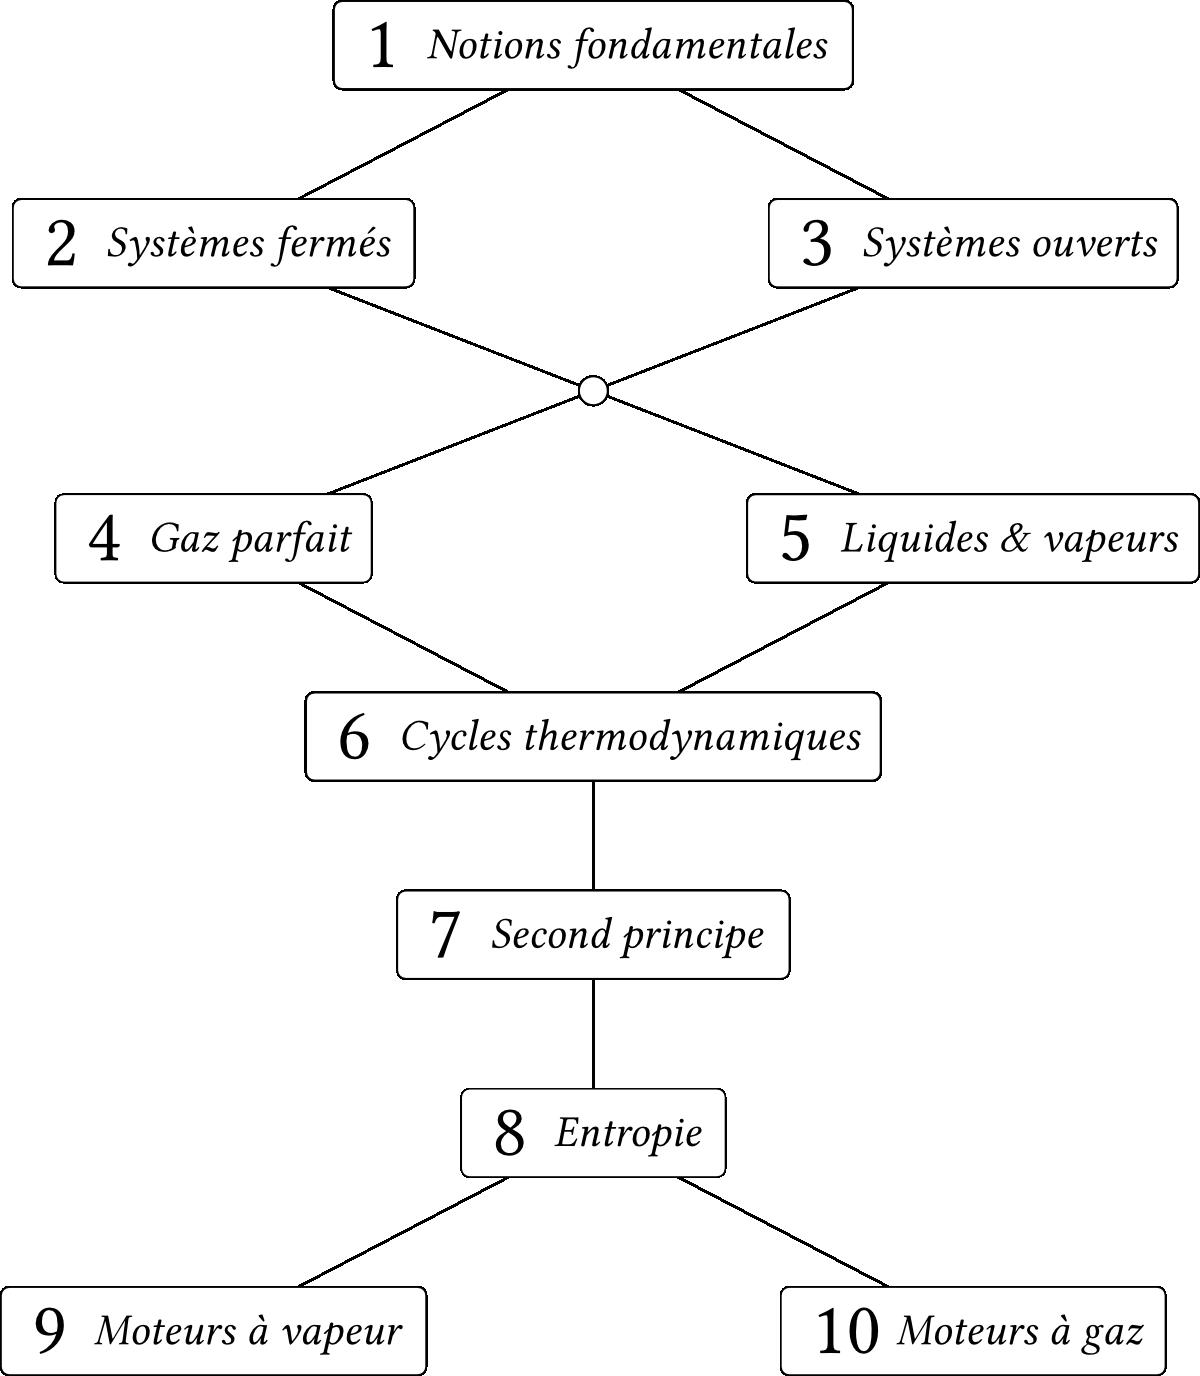 amphibooks/a/images/plan_general_chapitres.png